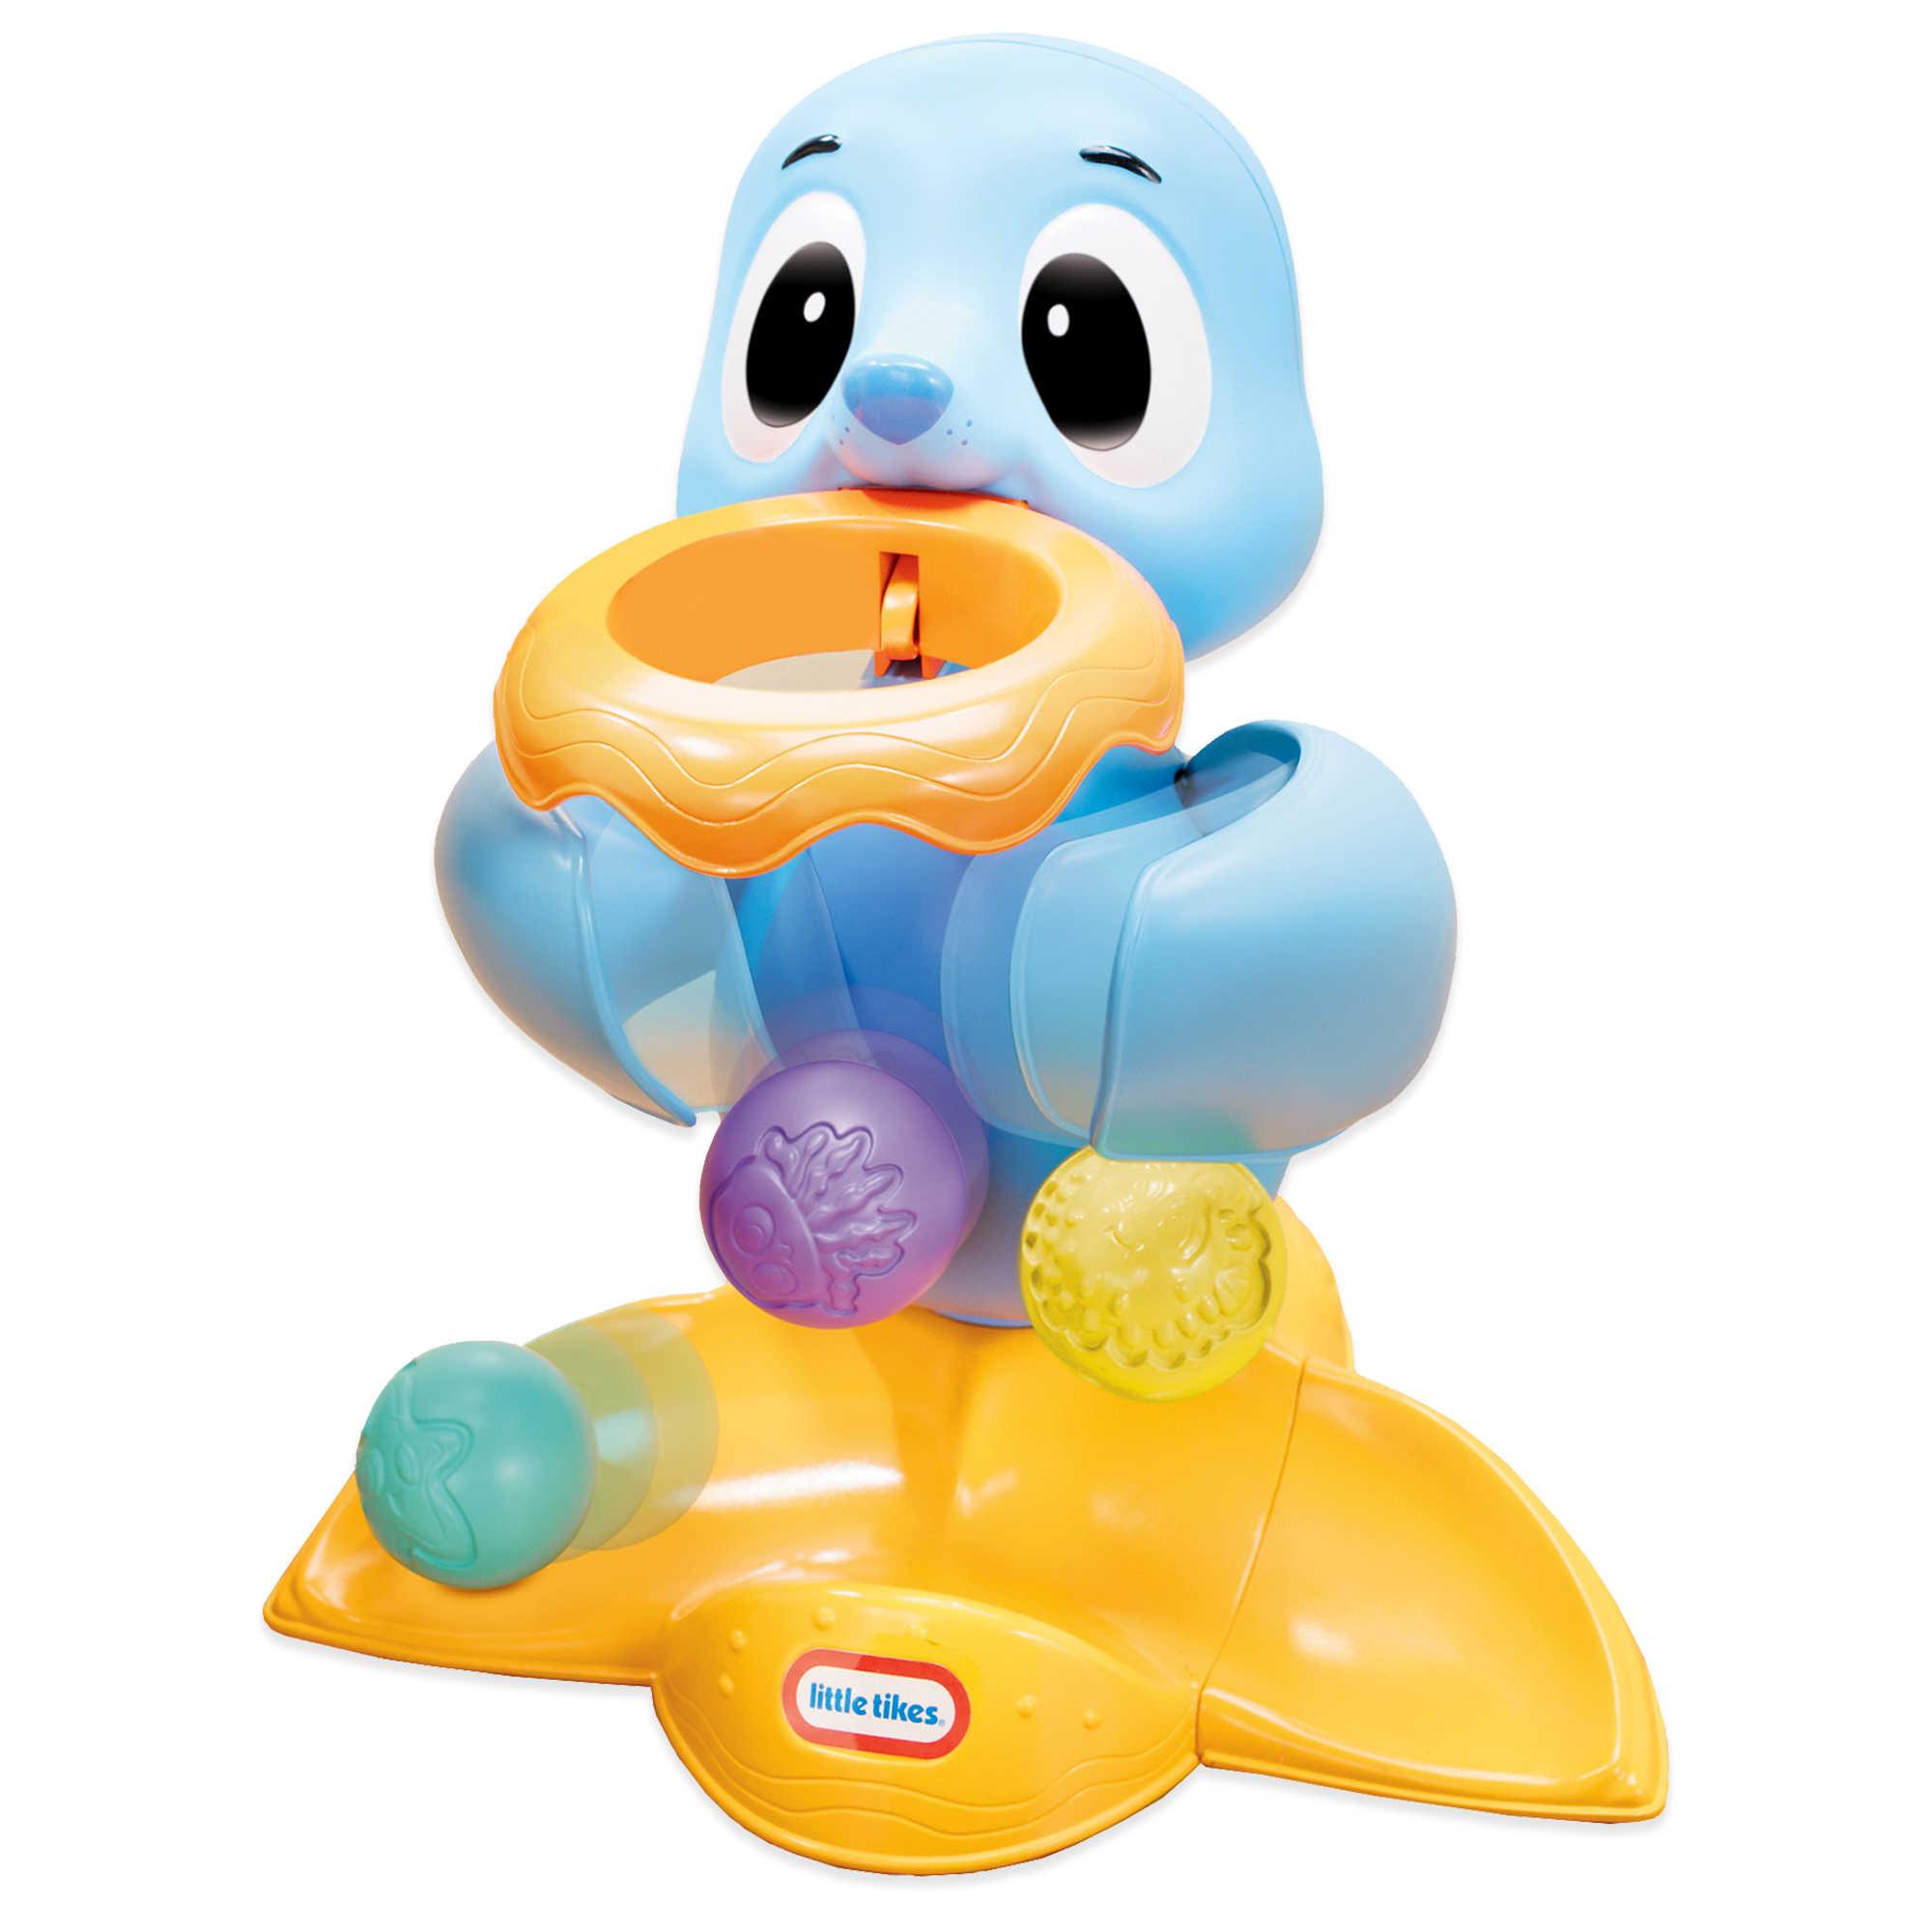 Развивающая игрушка «Морской лев», со звуковыми эффектамиРазвивающие игрушки Little Tikes<br>Развивающая игрушка «Морской лев», со звуковыми эффектами<br>